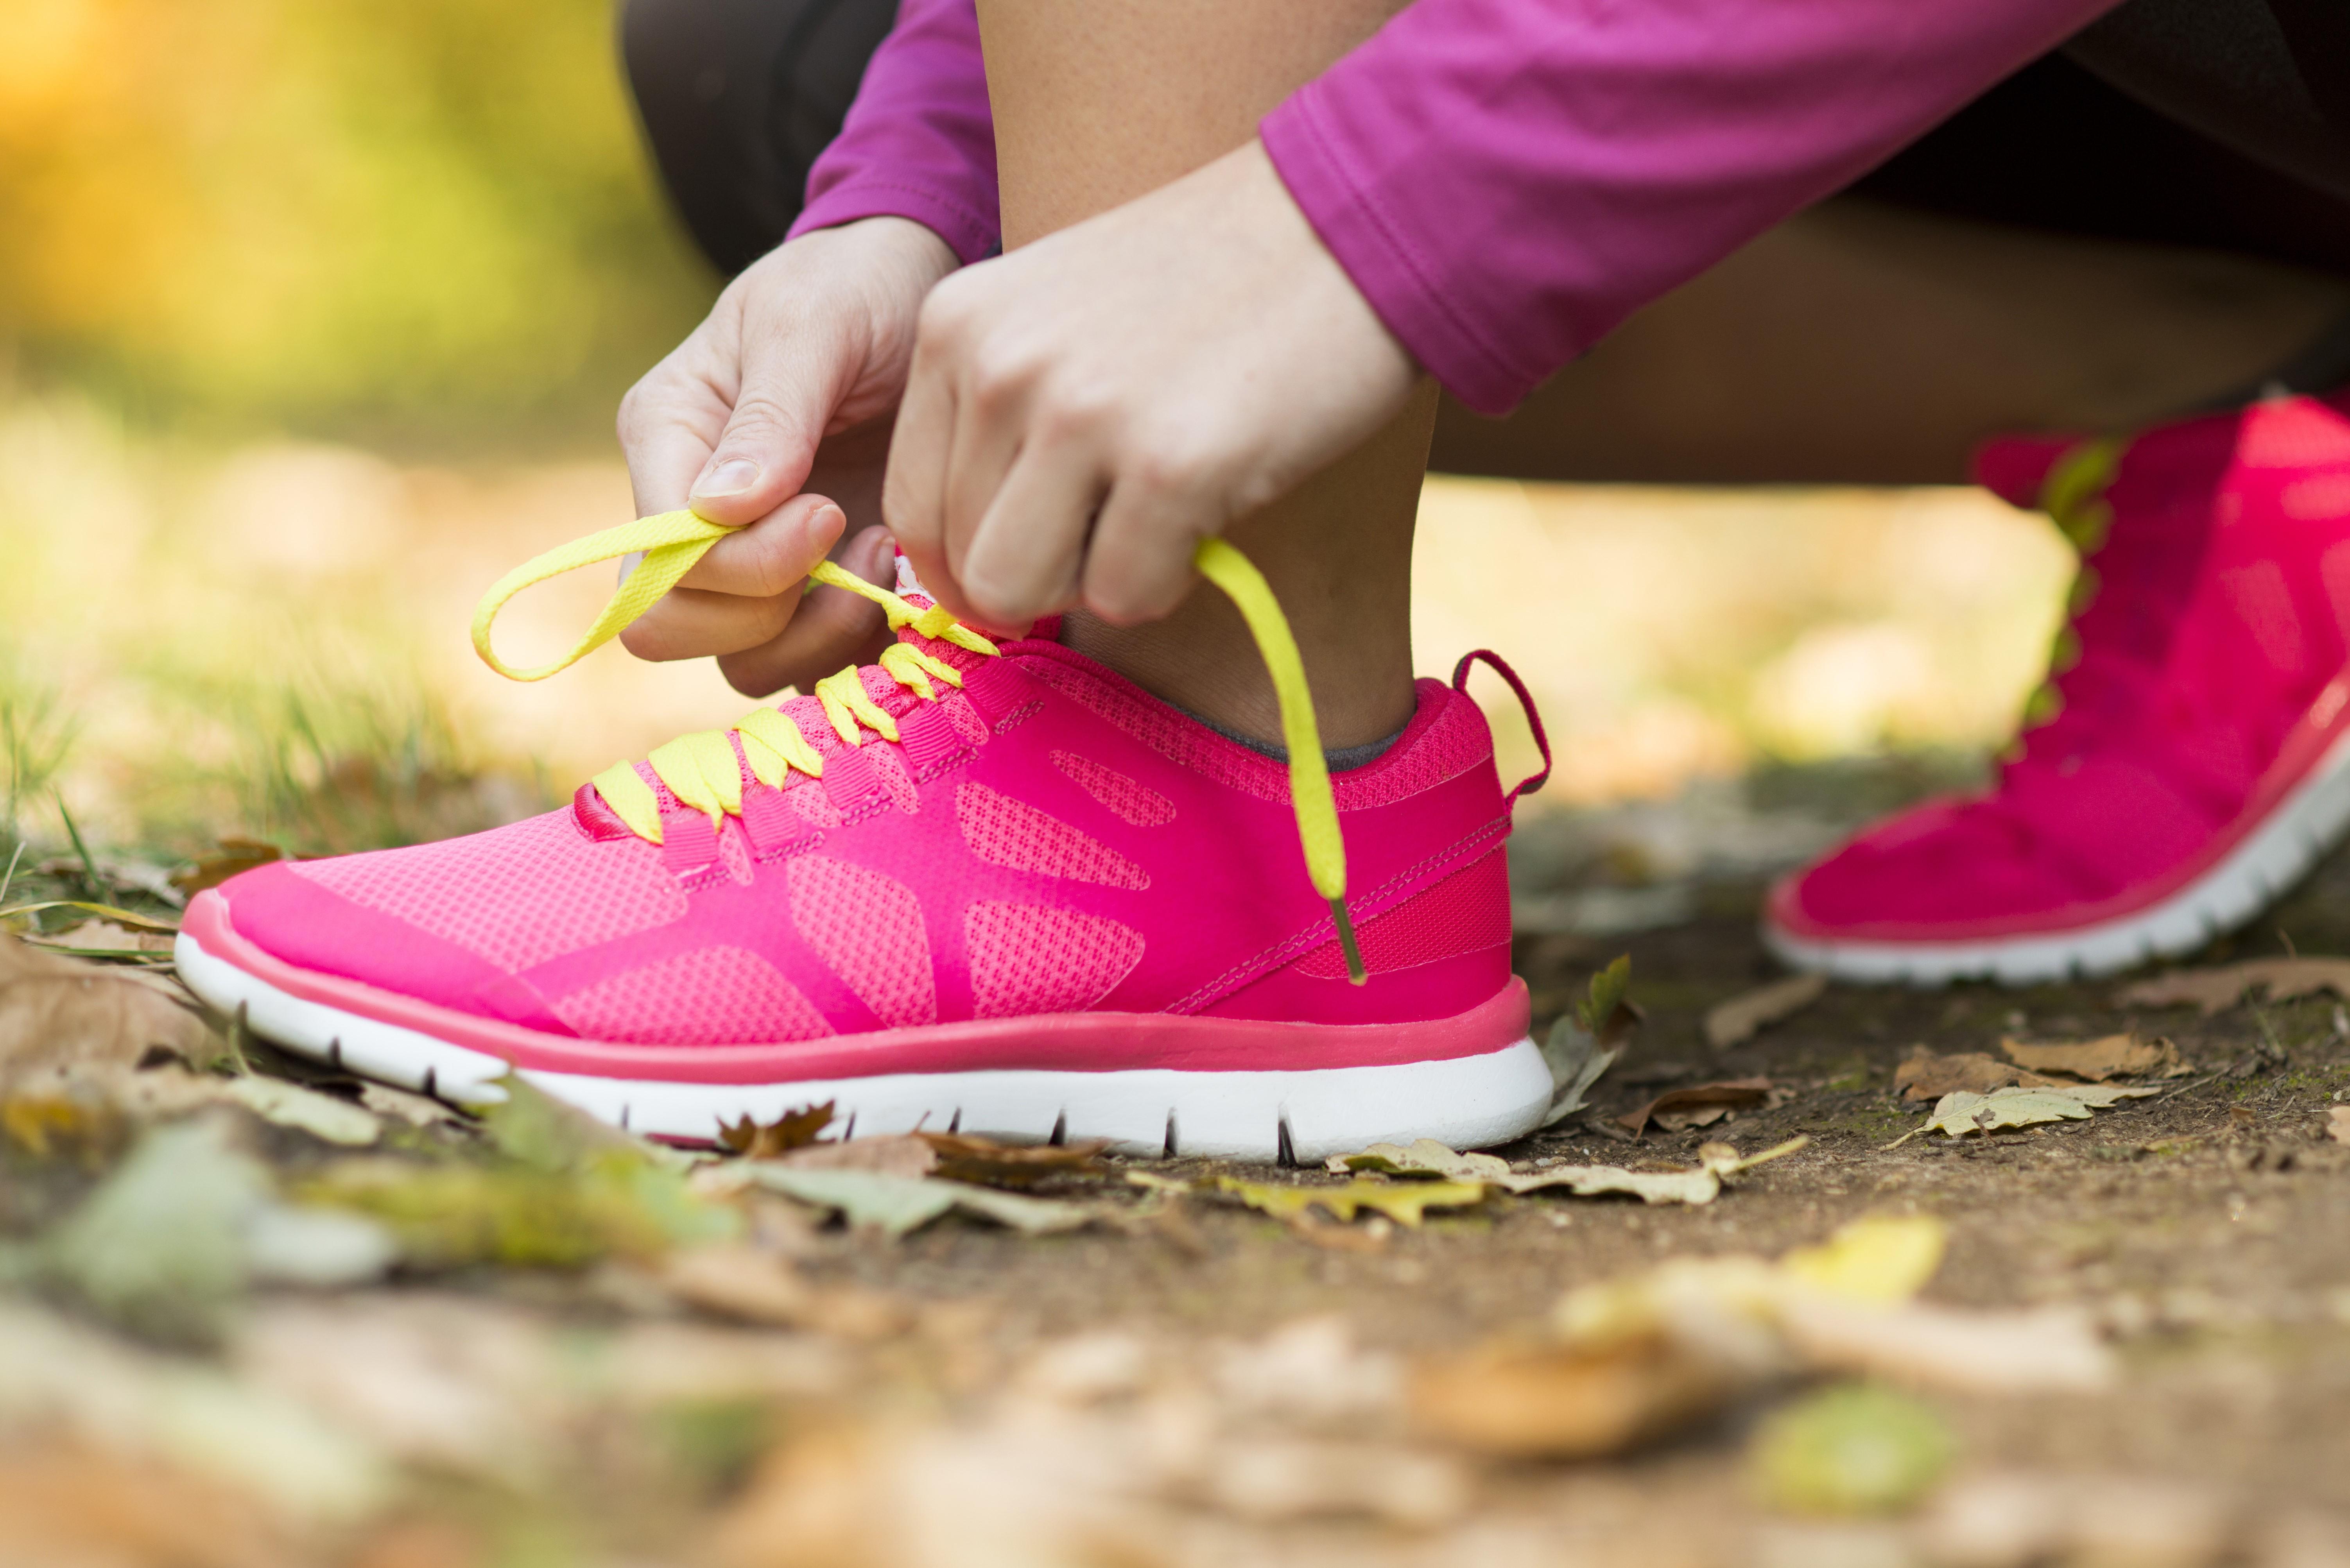 פעילות גופנית לסוכרתיים